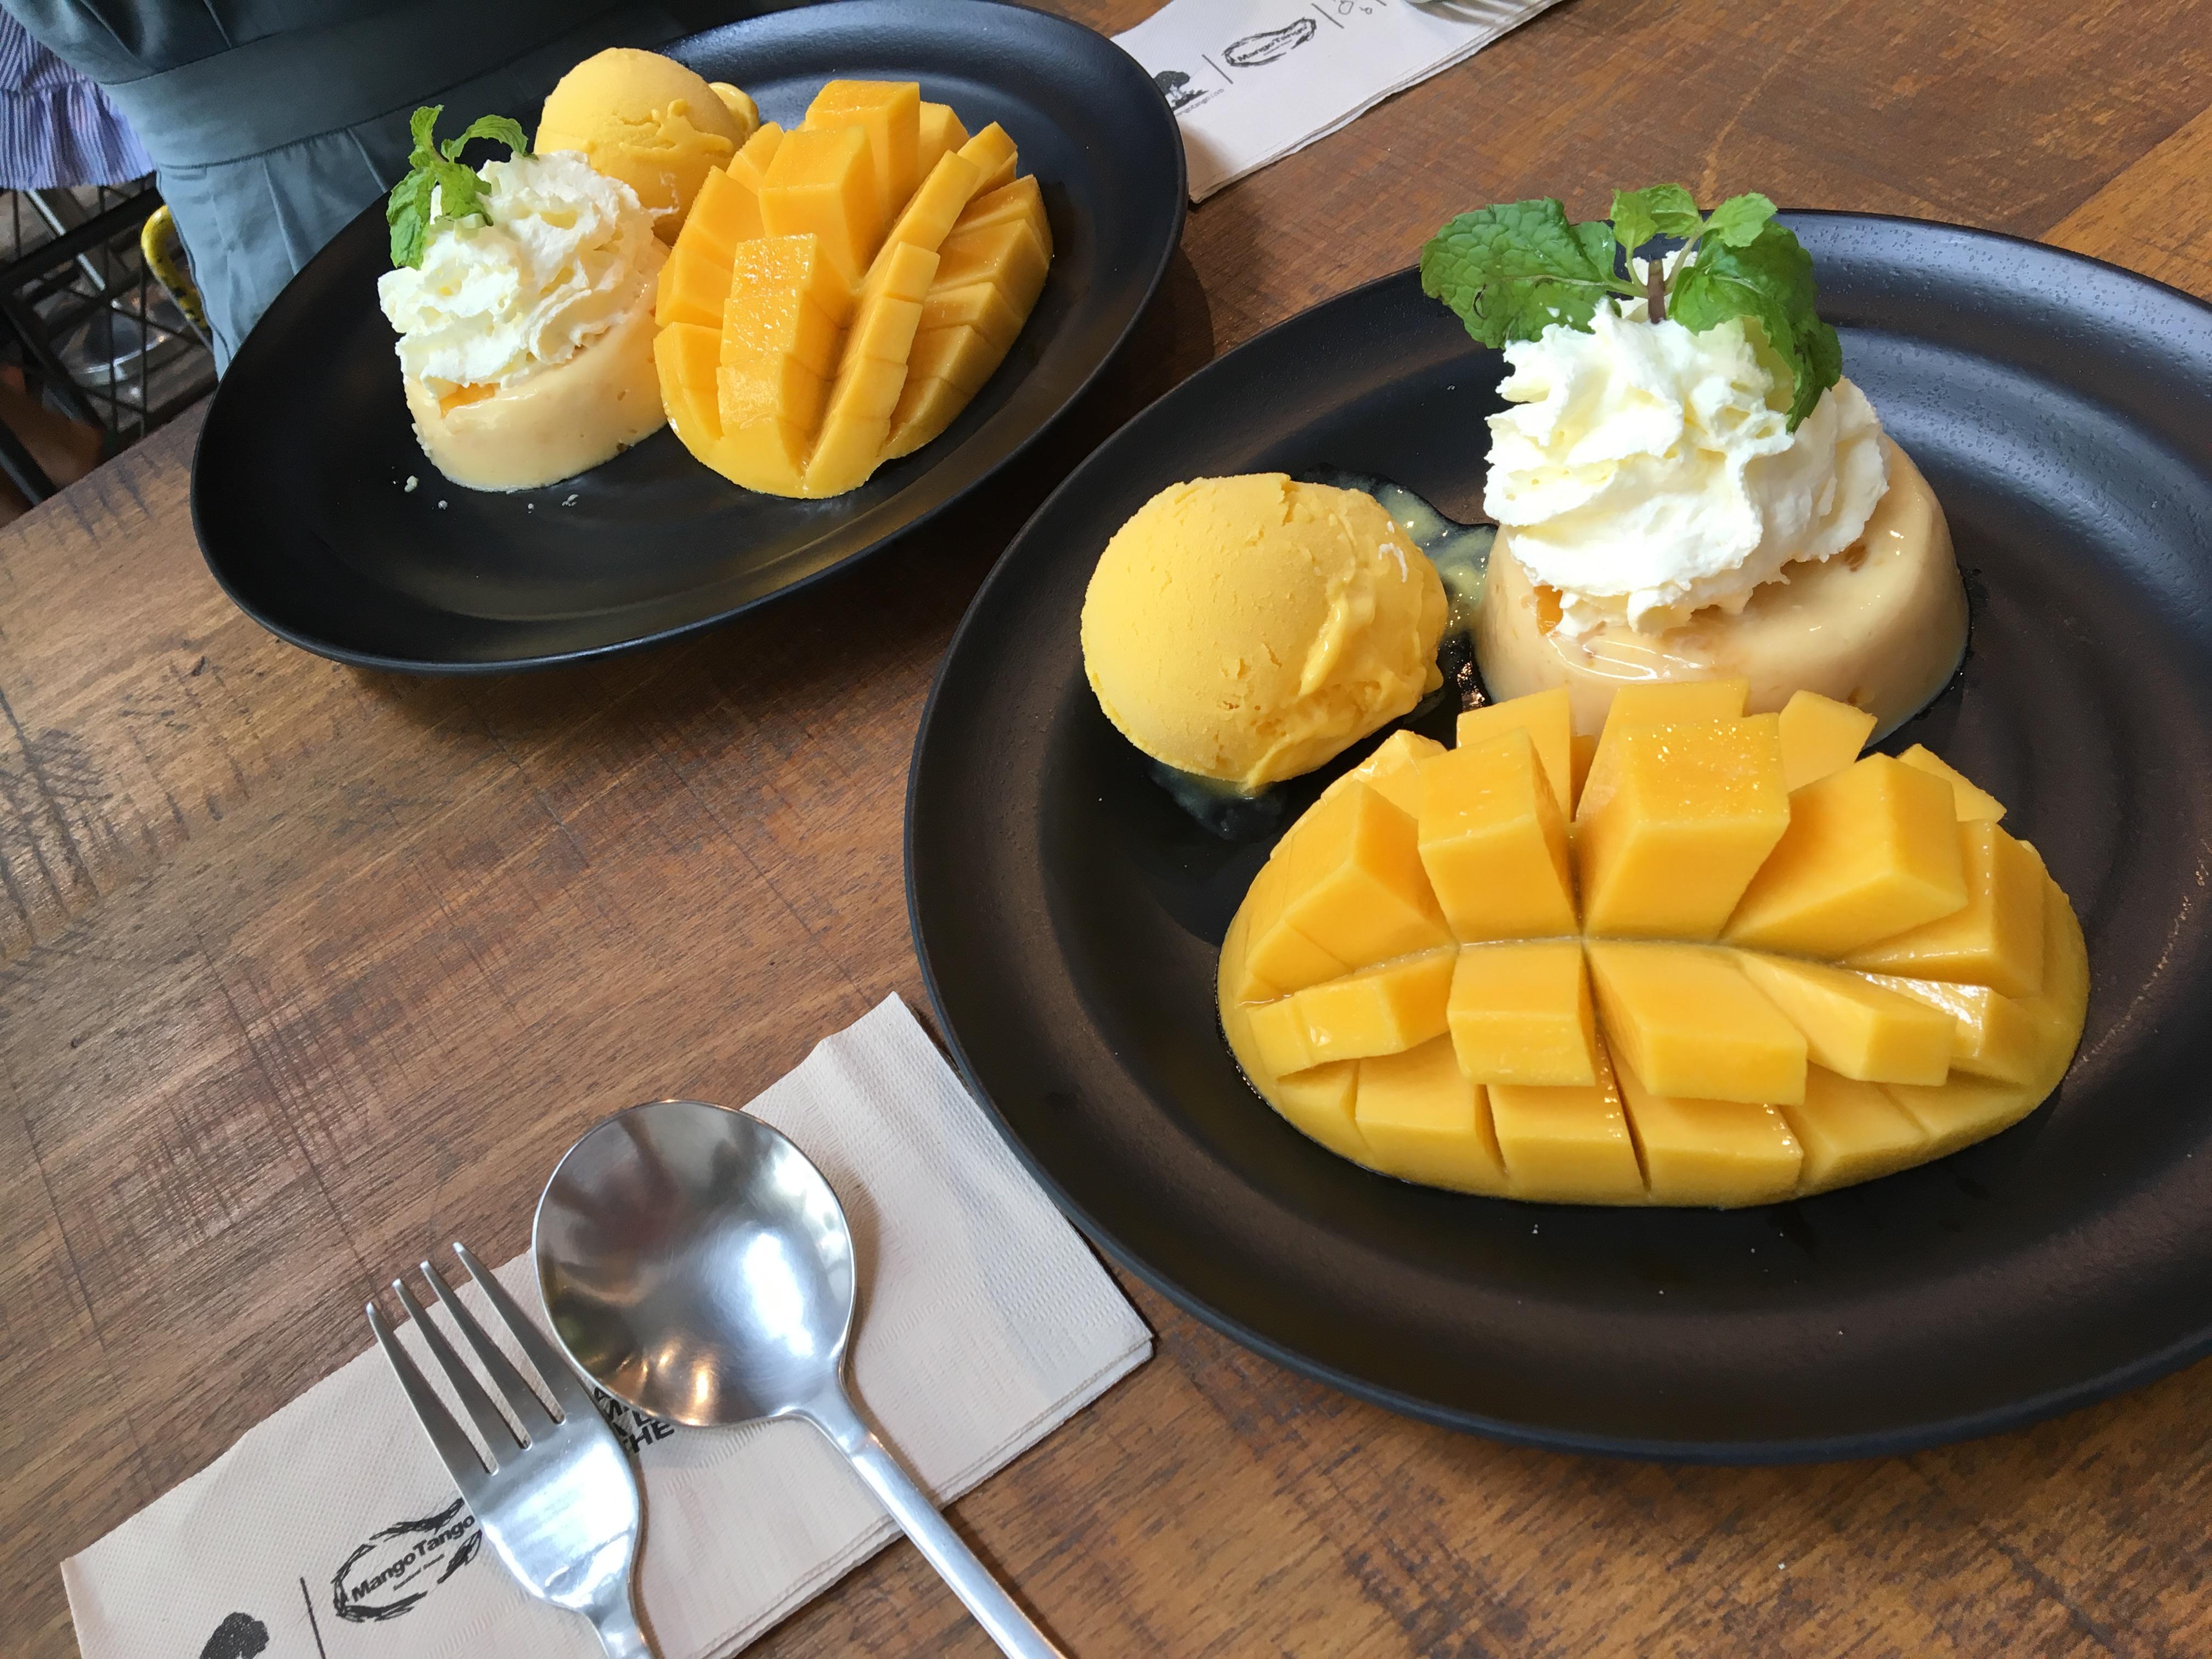 タイで大人気のマンゴースイーツ専門店『Mango Tango』に行ってきました!マンゴースイーツを食べるならここがオススメ!